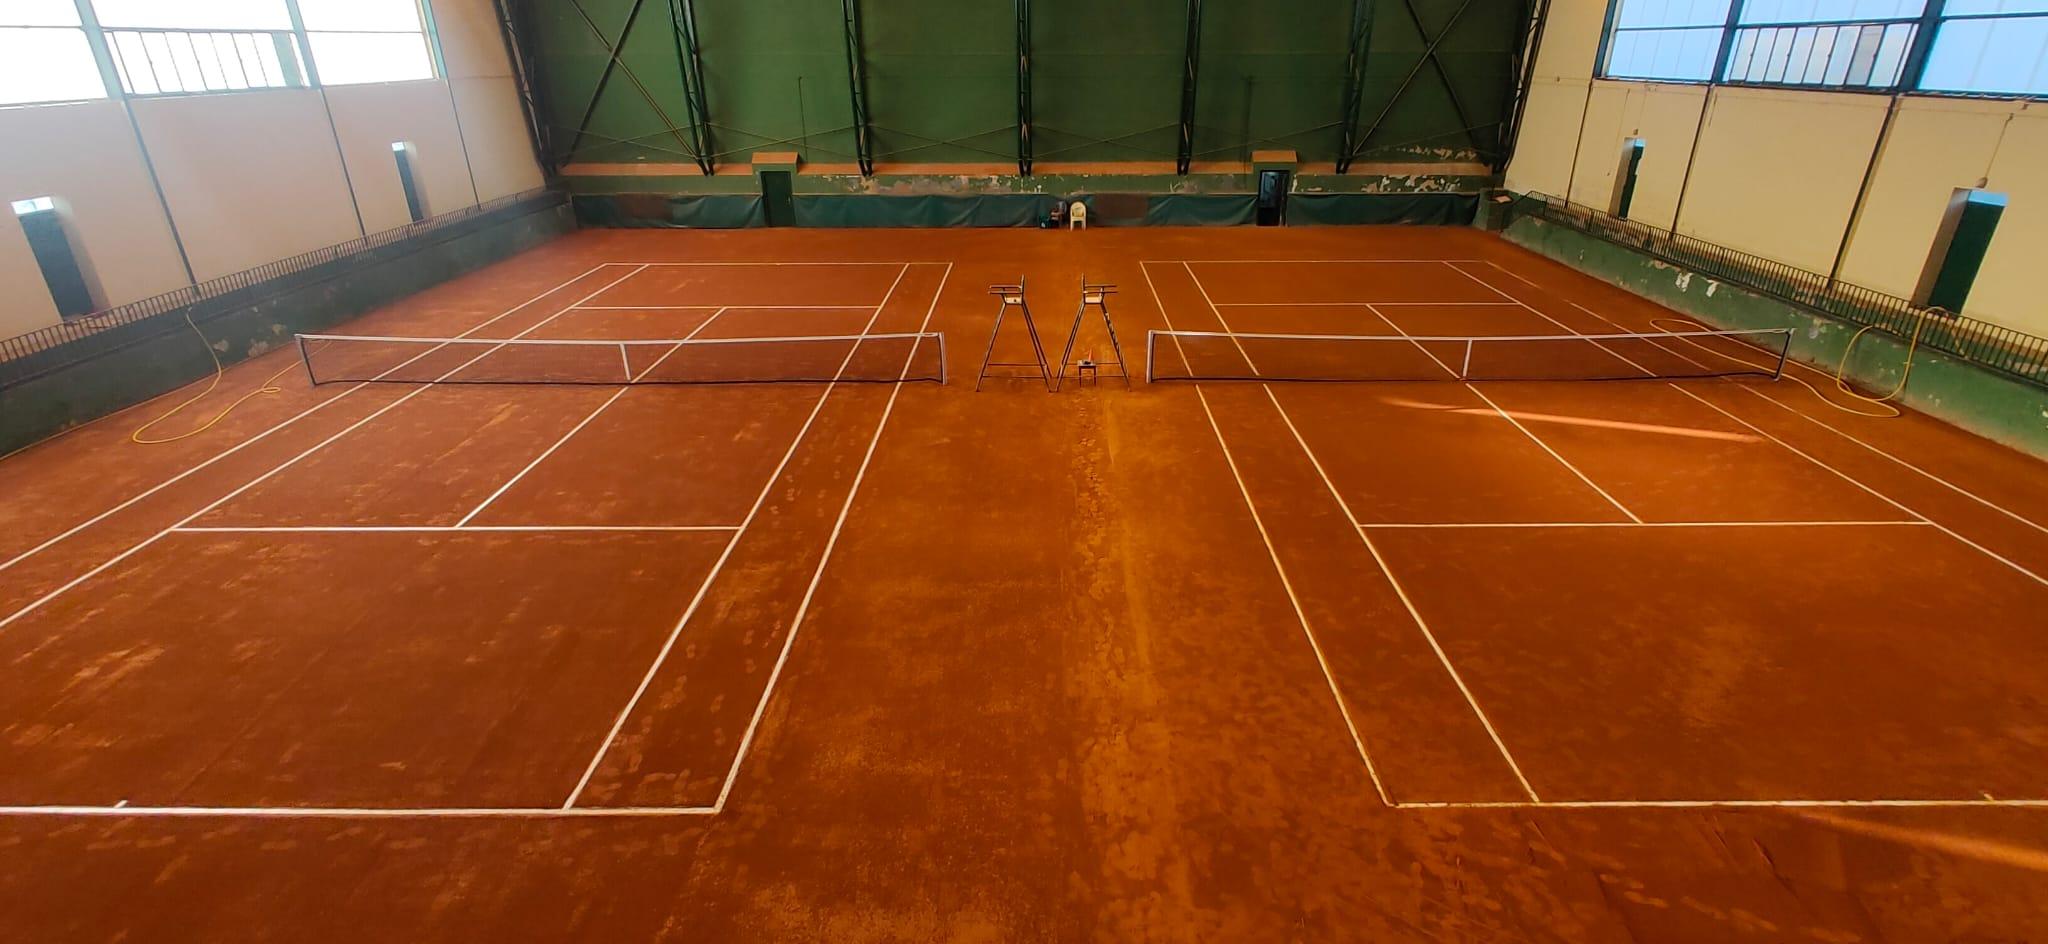 tenis-renovación-pistas-tierra-reparacion-construccion